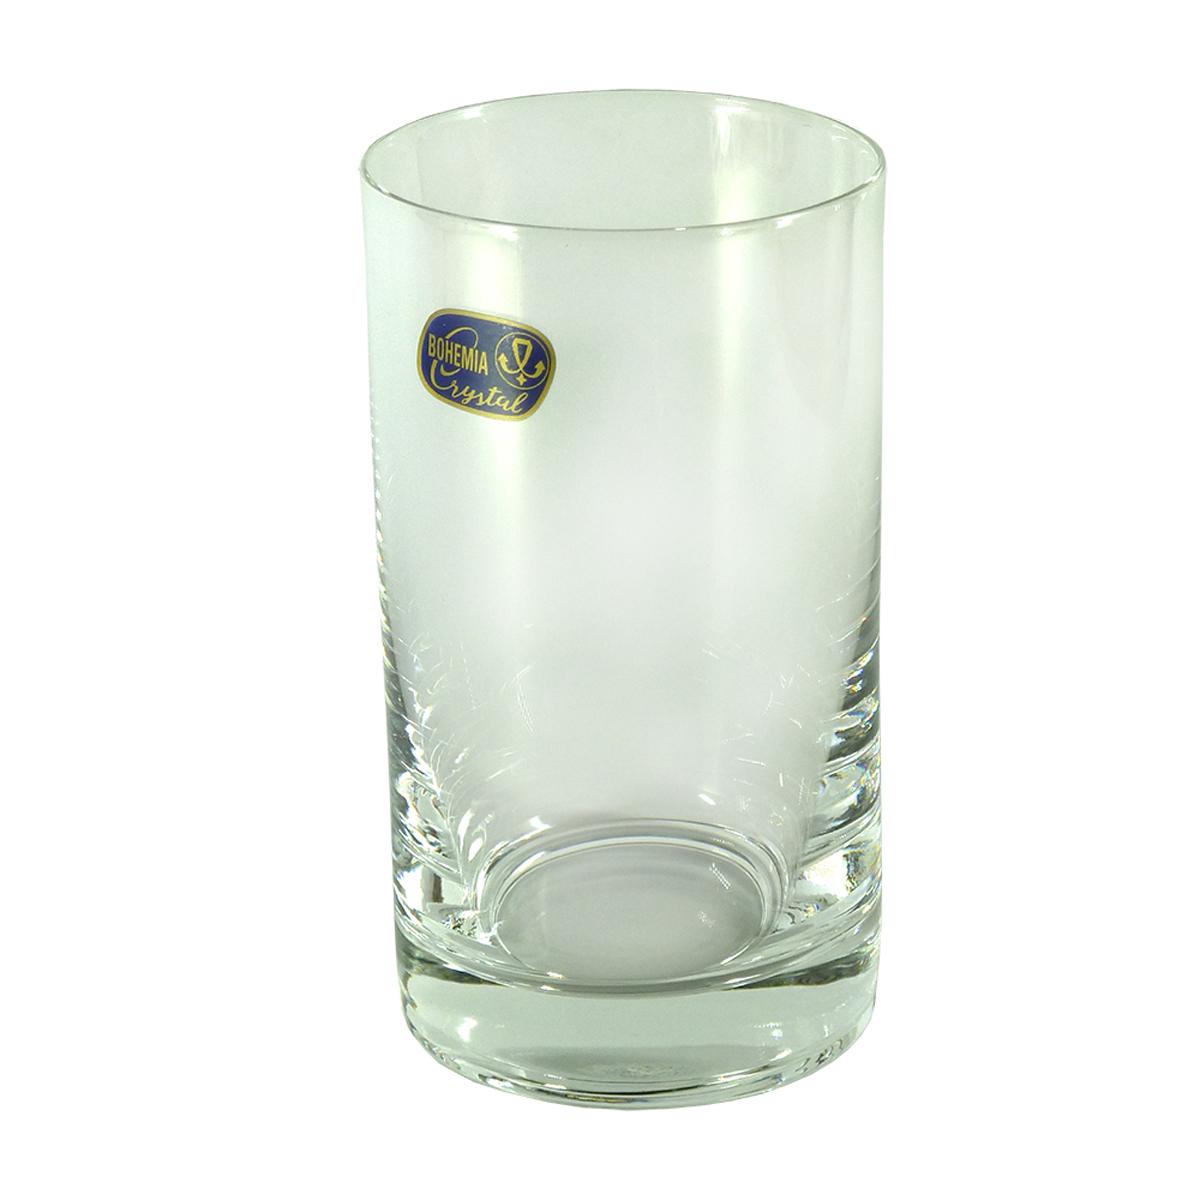 Стаканы для воды Барлайн 230 мл, 6 шт, 25089/230 изделие из богемского стекла Crystalex одного из старейших производителей Чехии. История появления стекла насчитывает более десяти веков. Стекло Crystalex обладает гораздо лучшими эксплуатационными и эстетическими свойствами, чем любое другое. Оно более блестящее, более прозрачное и одновременно более прочное. Изысканные переливы, игра света, красота и изящные формы изделий не перестают поражать своим великолепием. Любое изделие из богемского стекла станет изысканным подарком к празднику или торжественному событию. Красота и роскошь изделия непременно будут оценены по достоинству.